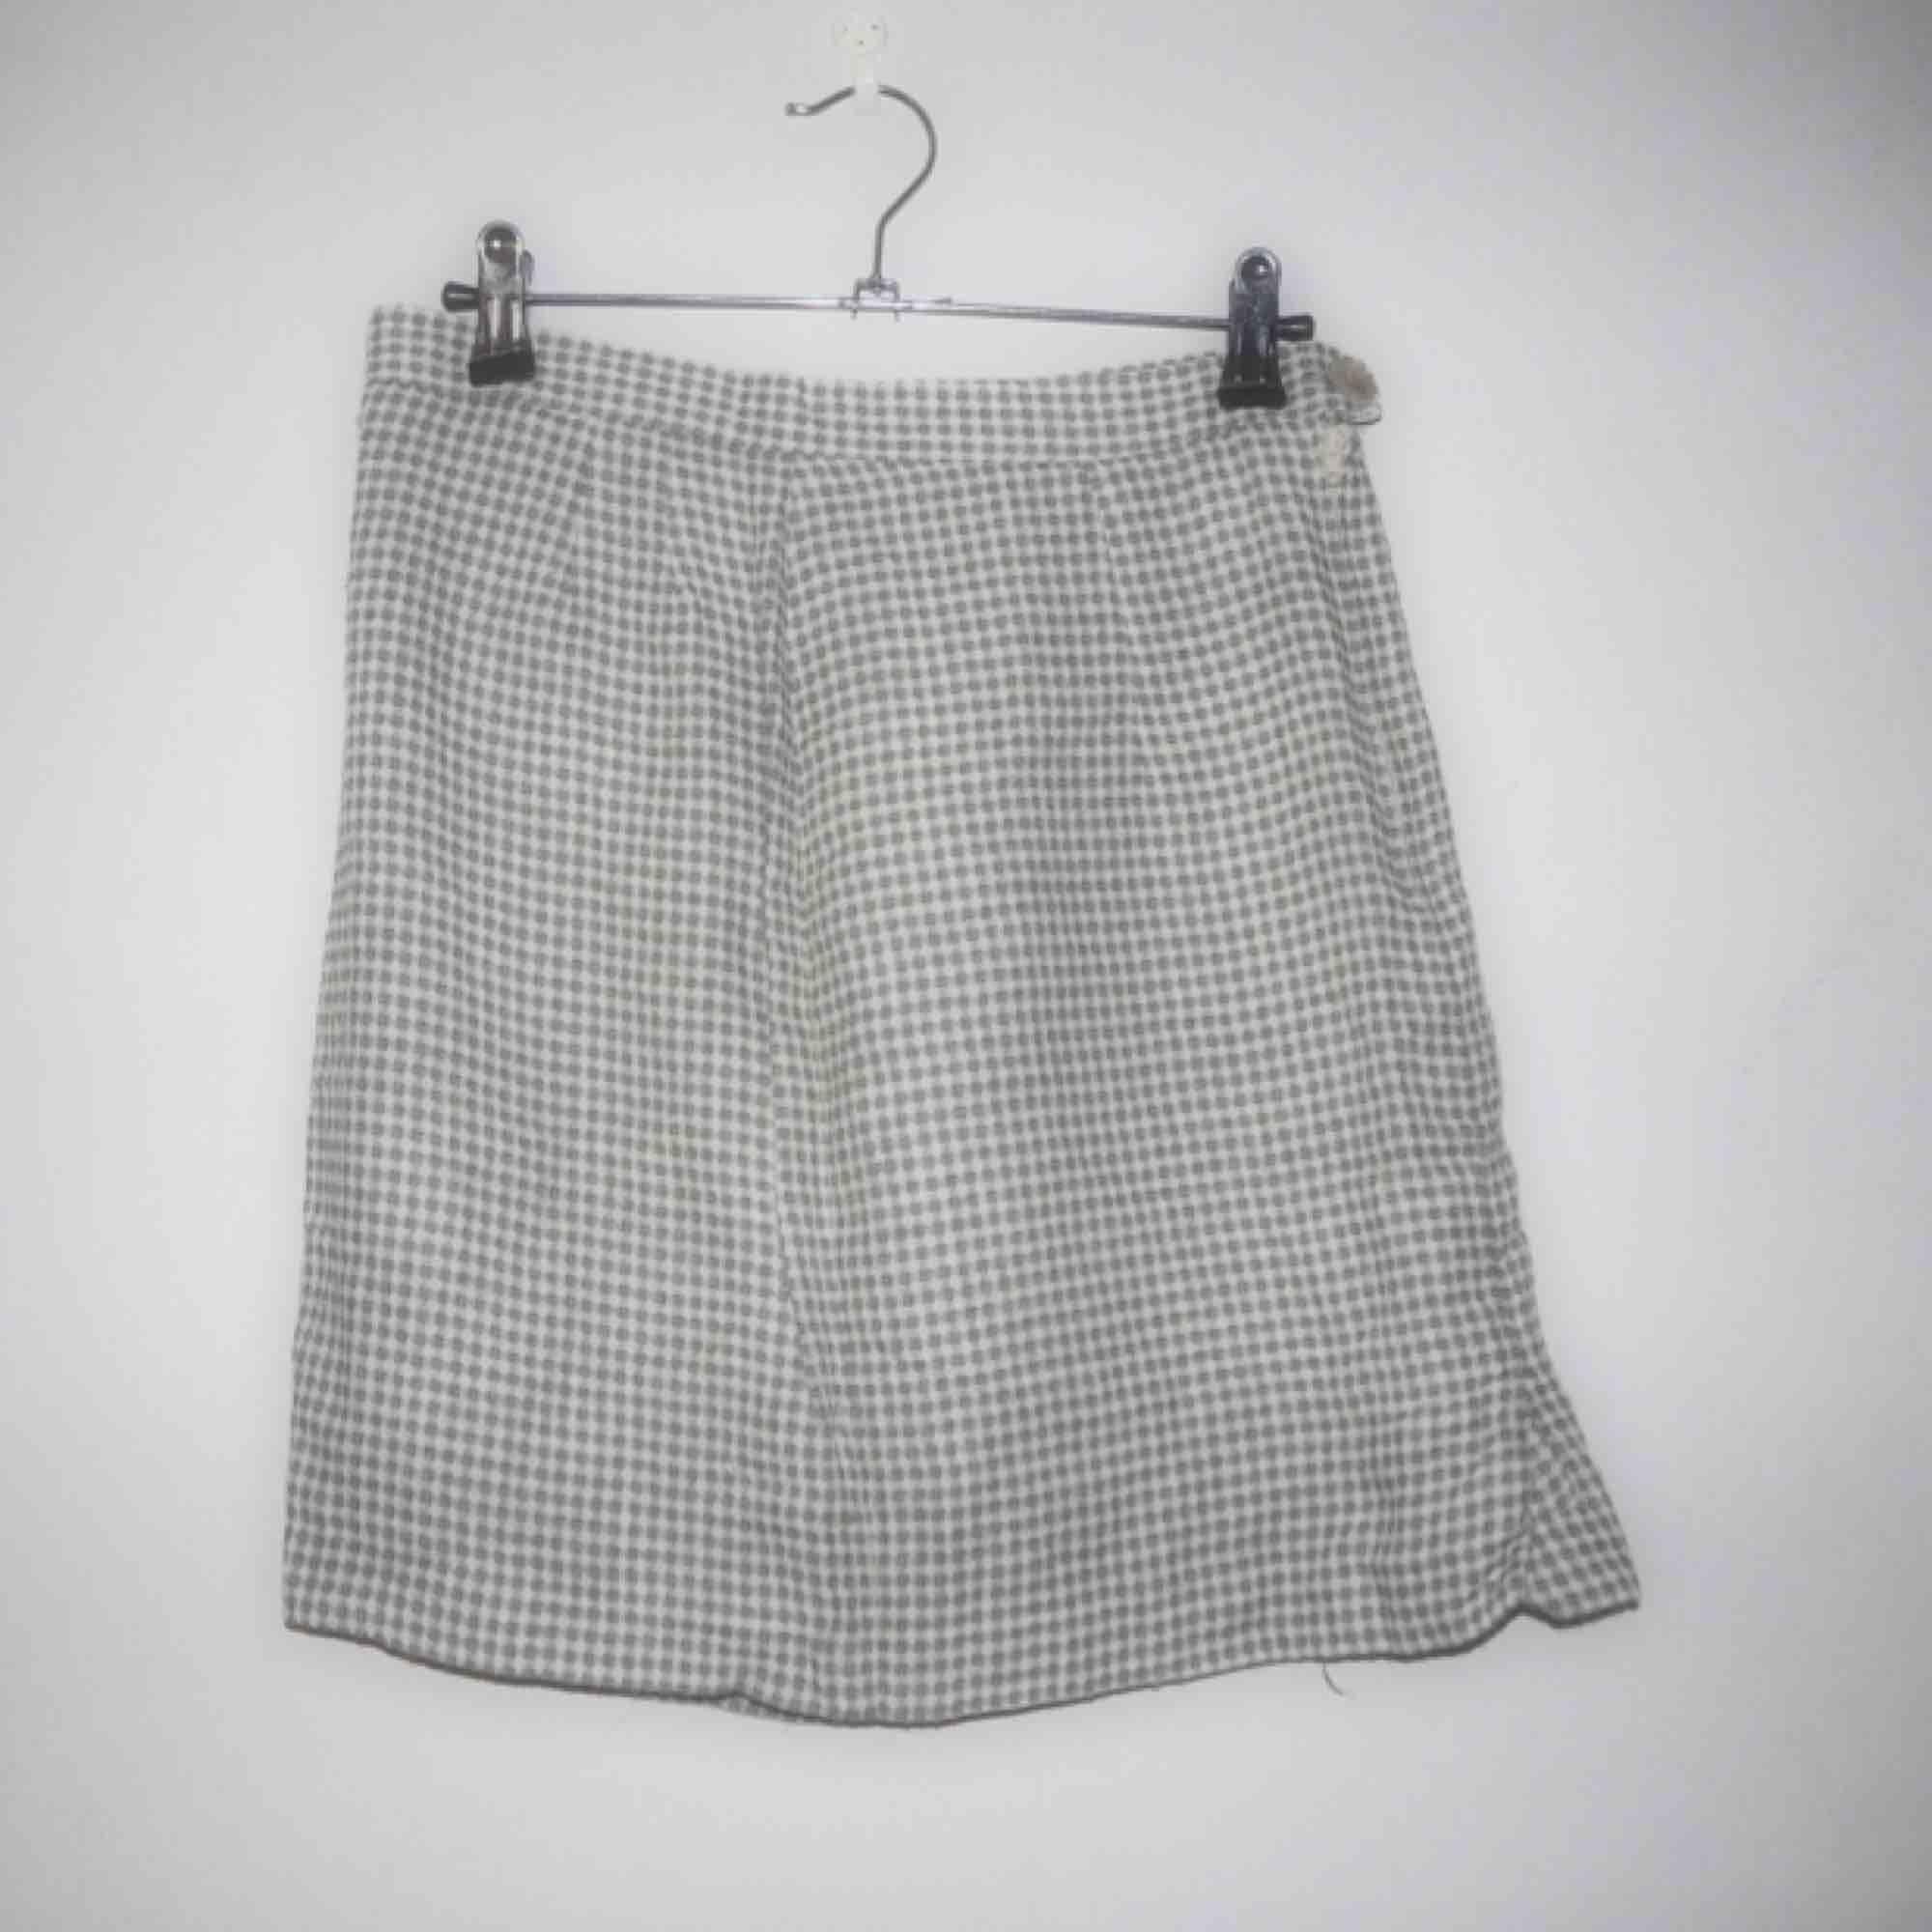 263f76af40a8 ... 10 Ljusgrön och vit rutig vintage kjol i 65%viscose, 25%lin, ...